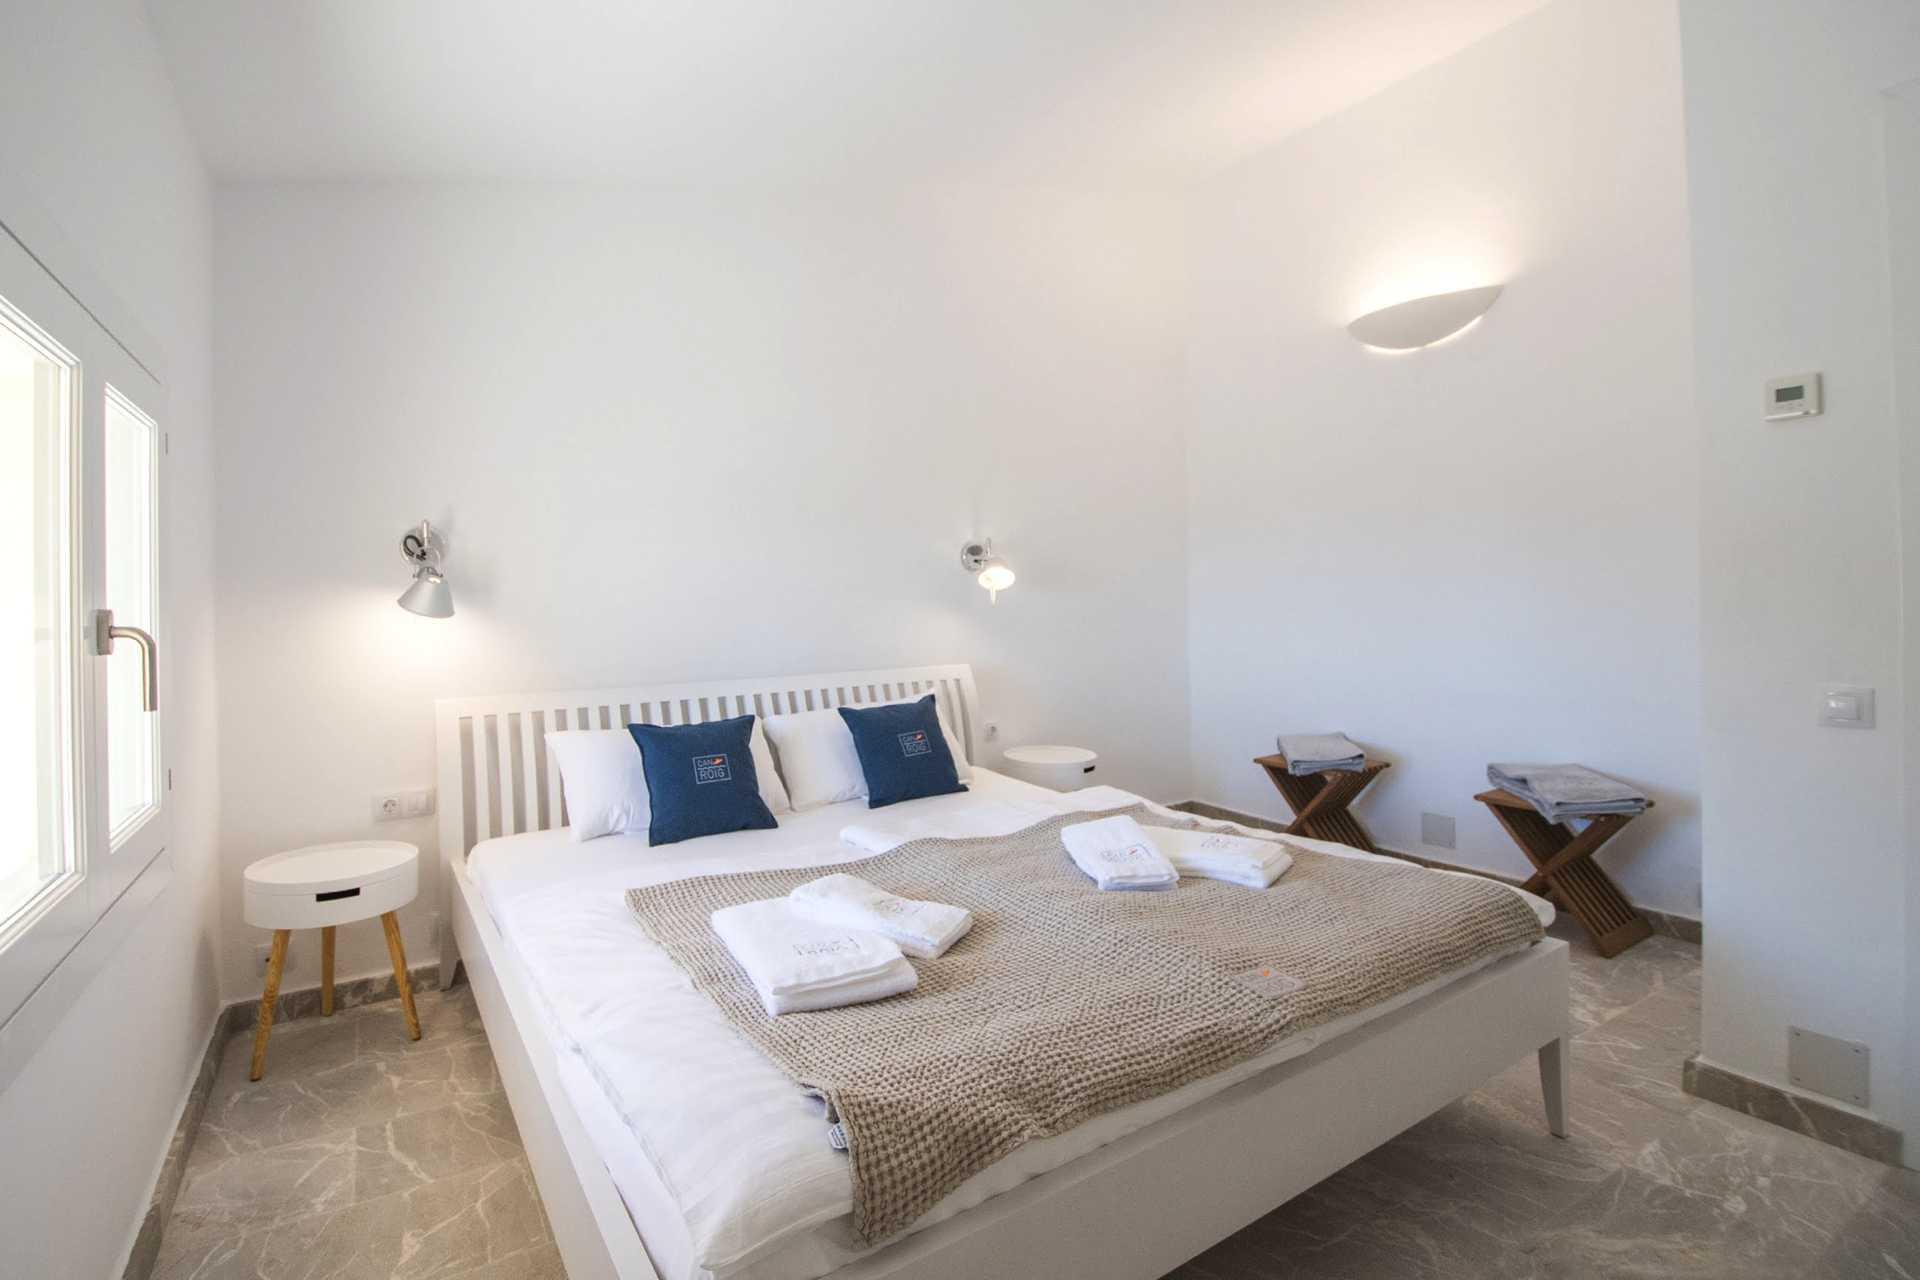 01-345 modern sea view Villa Mallorca east Bild 30